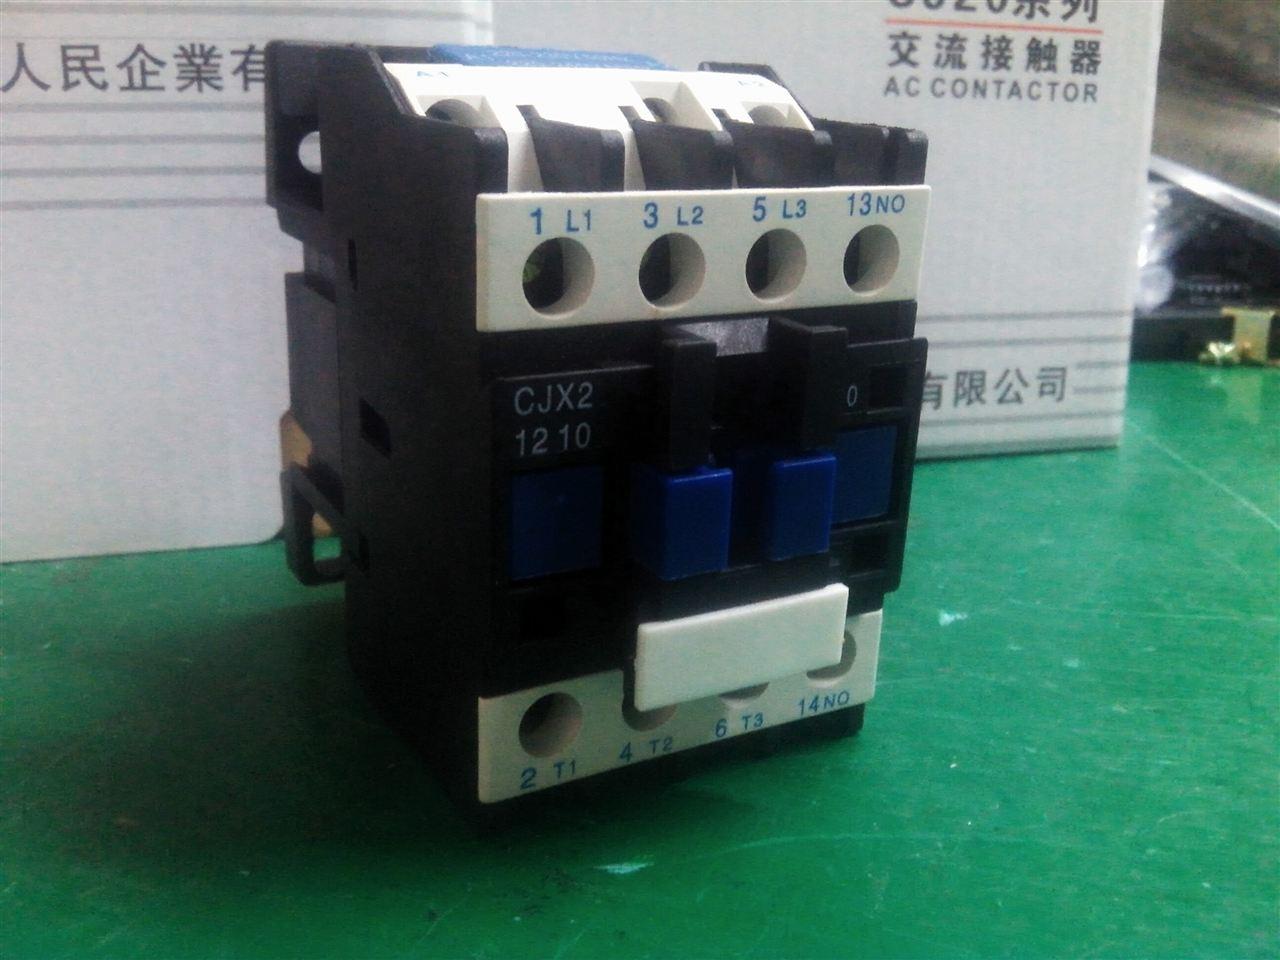 cjx2-1210交流接触器-产品报价-温州上信电器有限